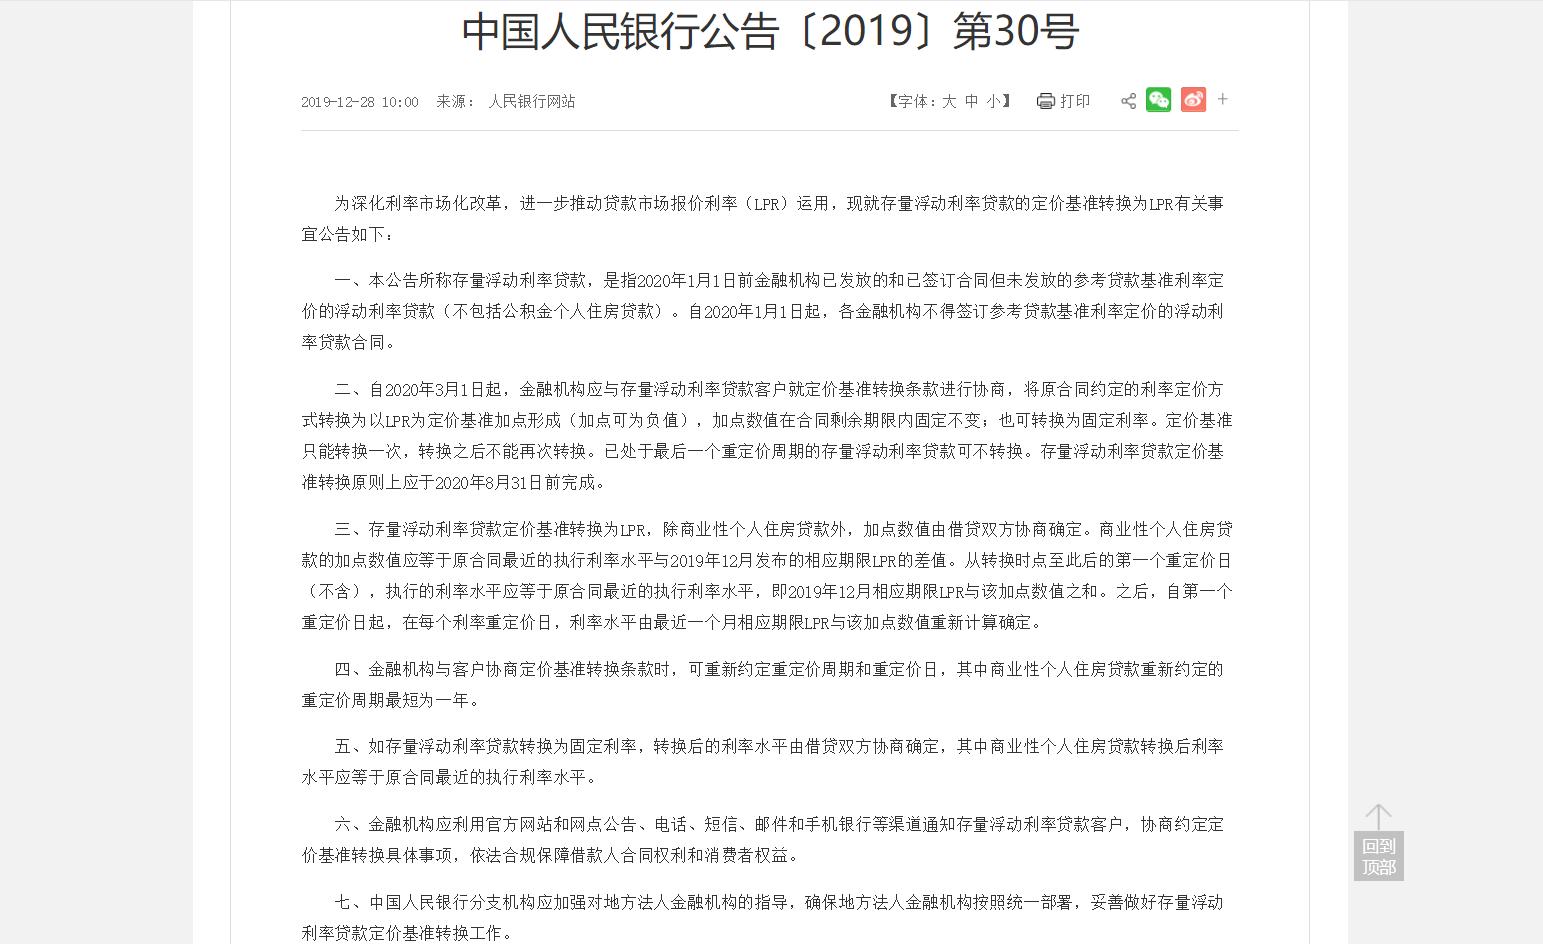 银行公告2019第30号.png